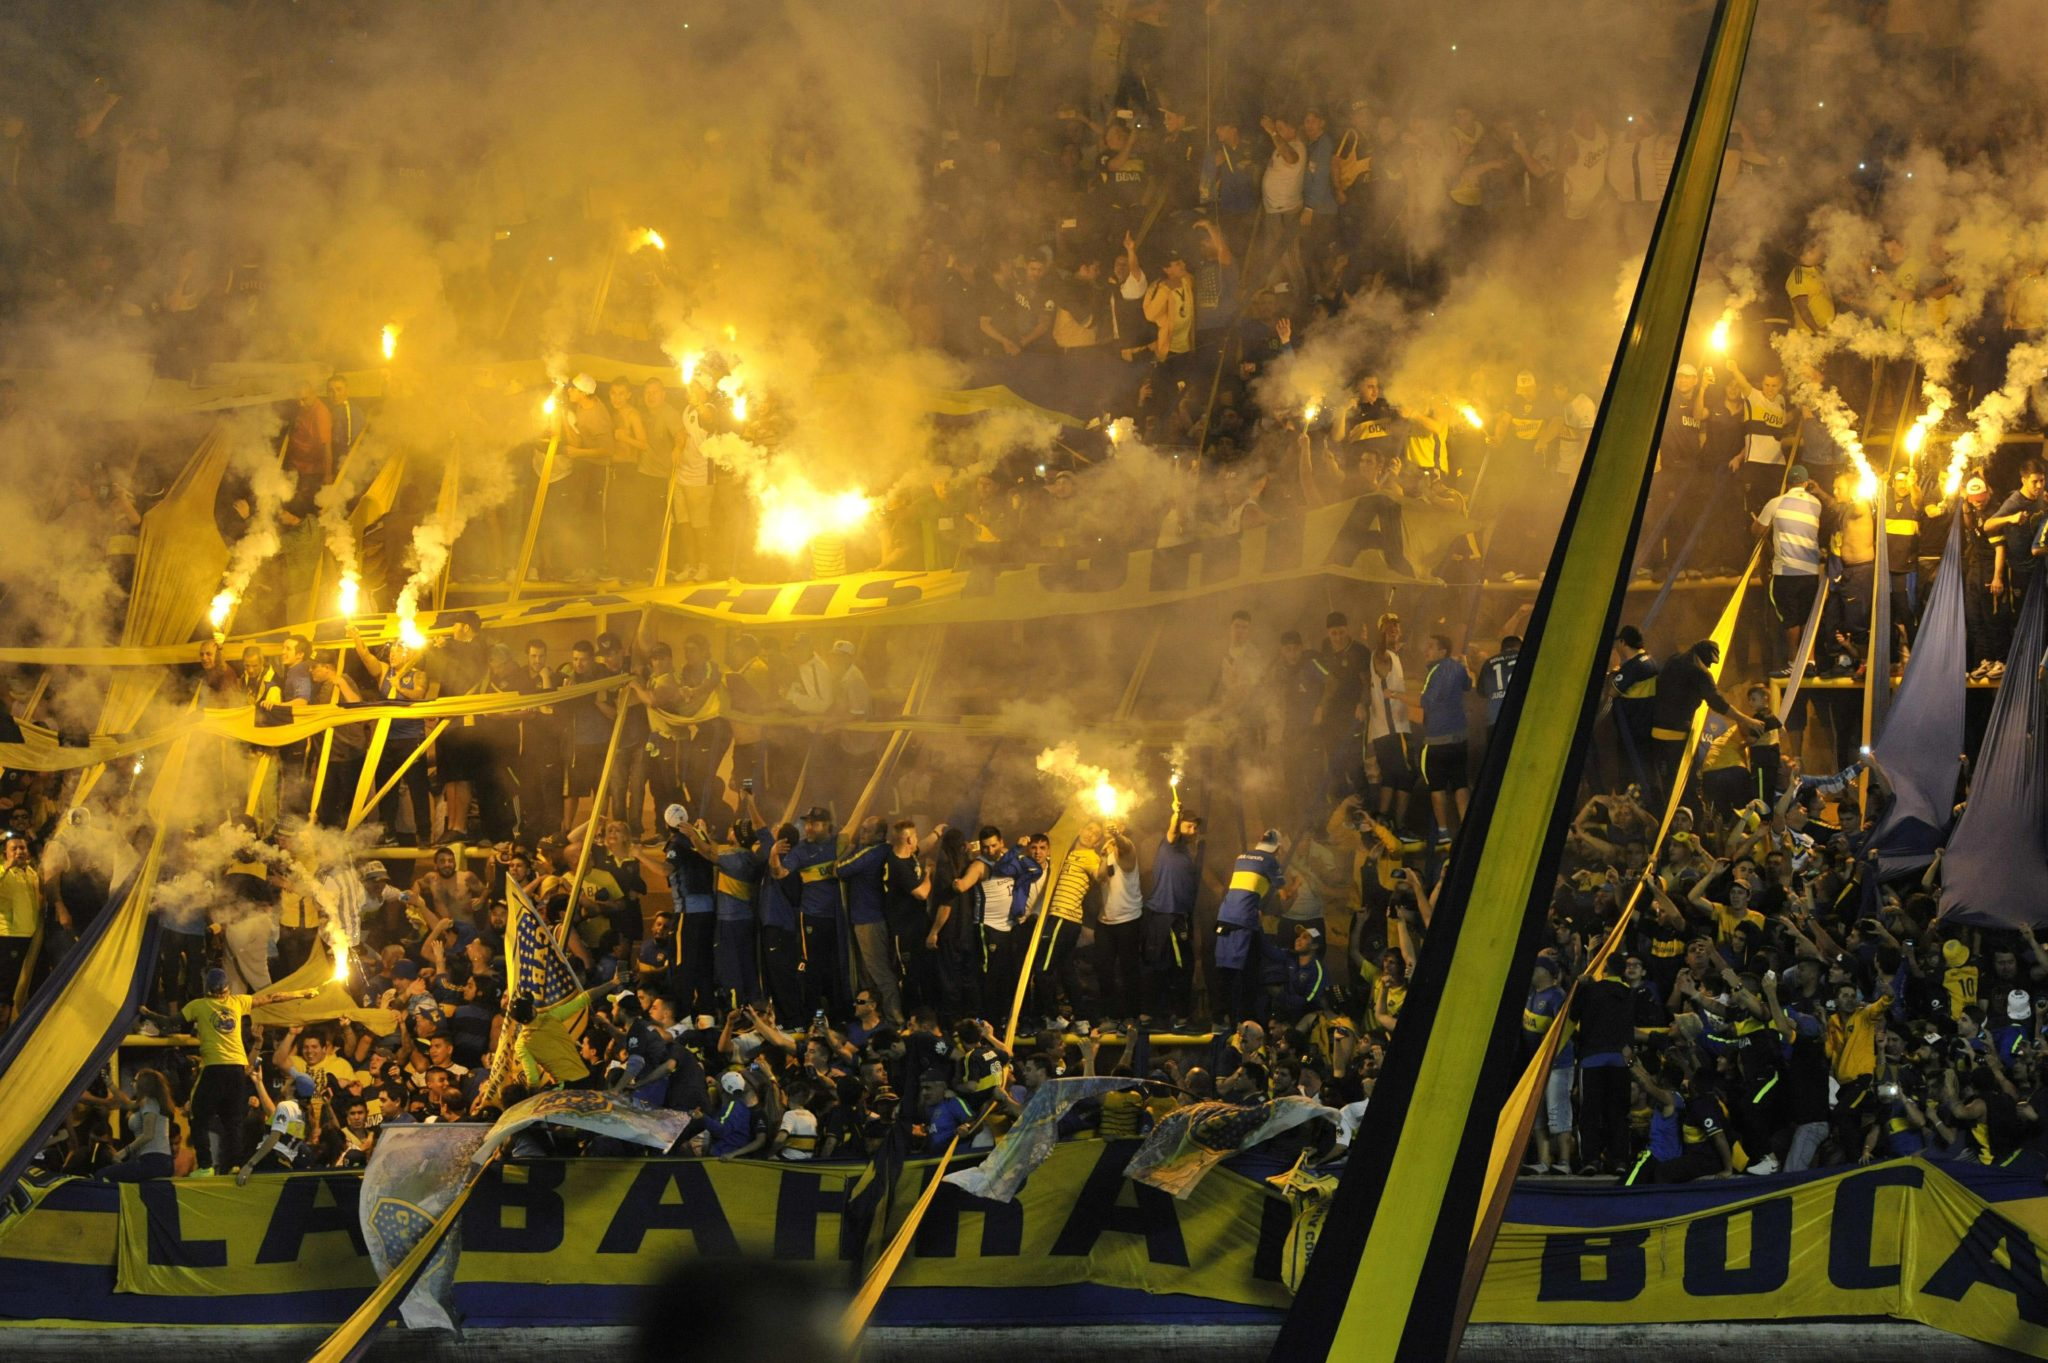 Kibice Boca Junios świętują zdobycie mistrzostwa Brazylii w piłce nożnej